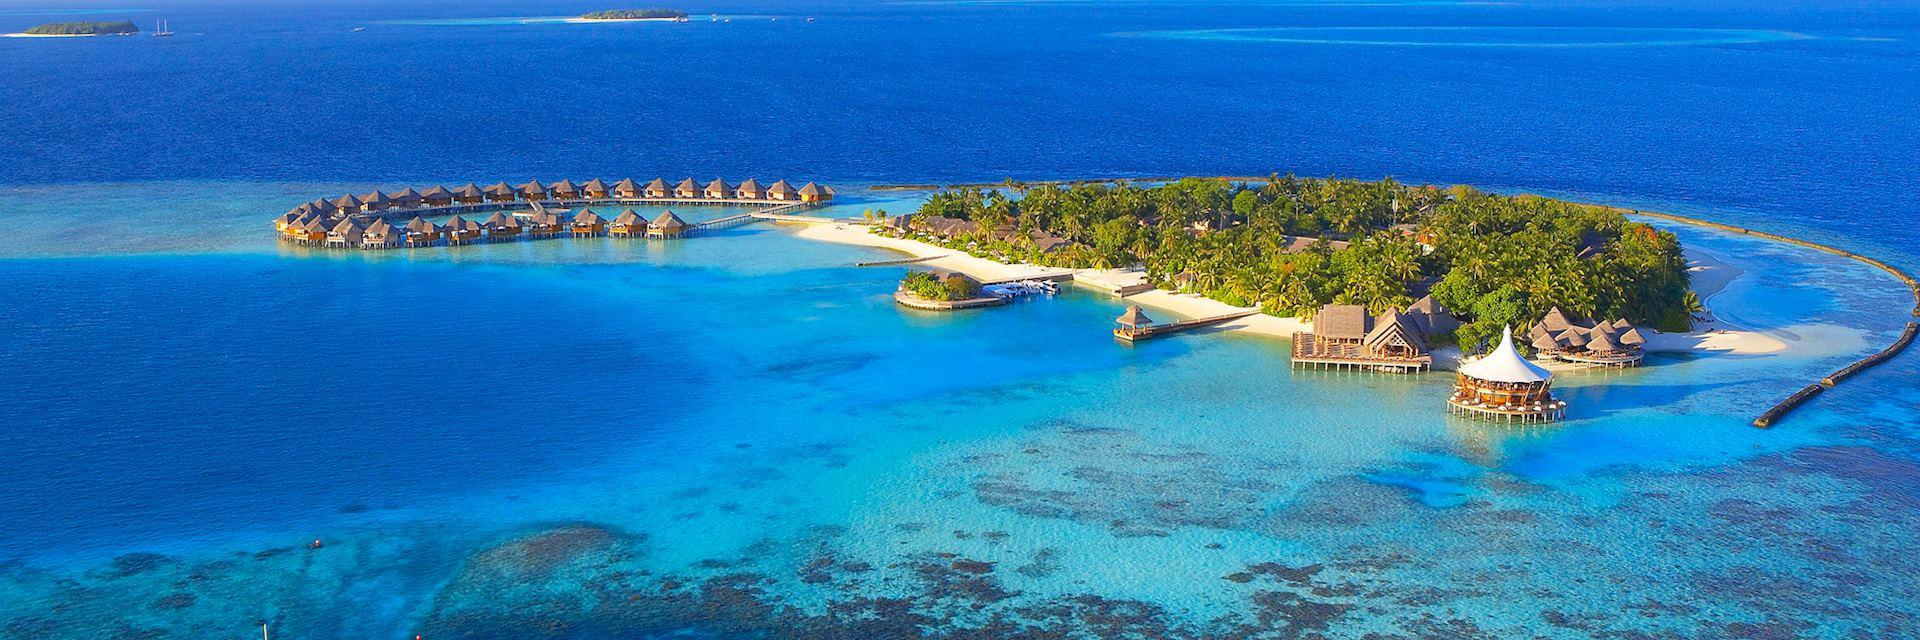 Baros Maldives, Maldives Island